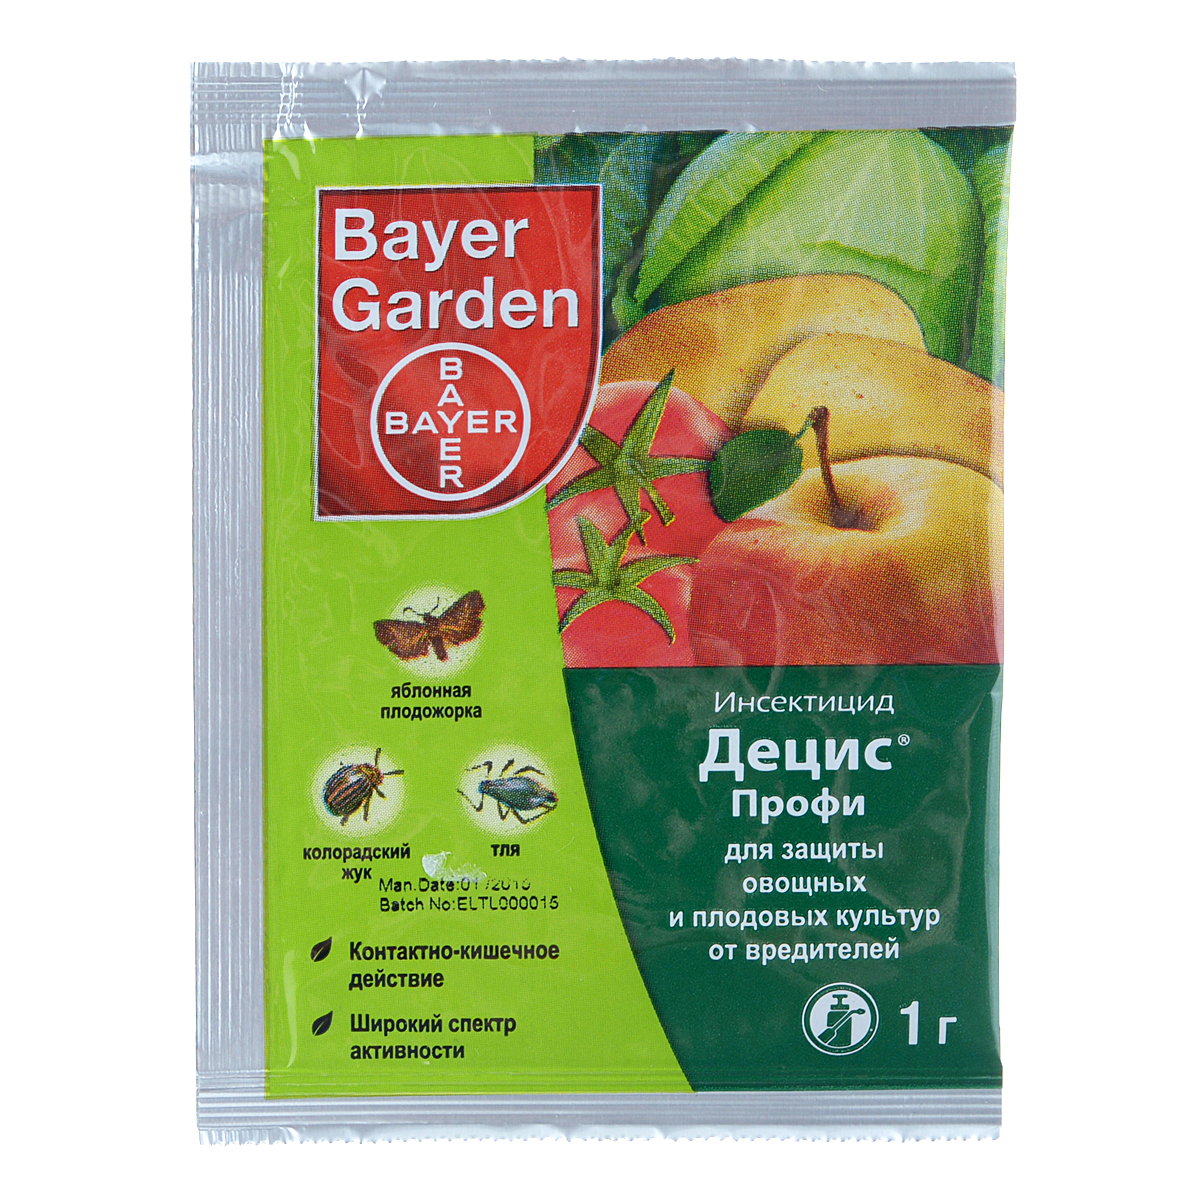 Инсектицид Bayer Garden Децис Профи, для защиты овощных и плодовых культур от вредителей, 1 г цена